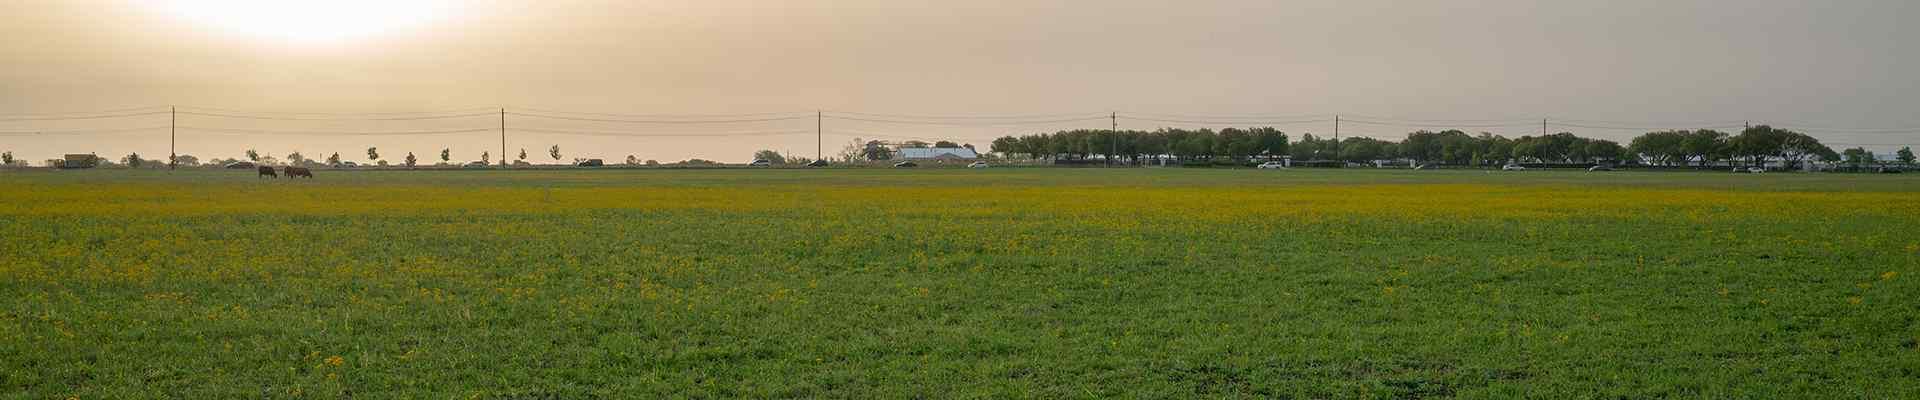 large open field in murphy texas